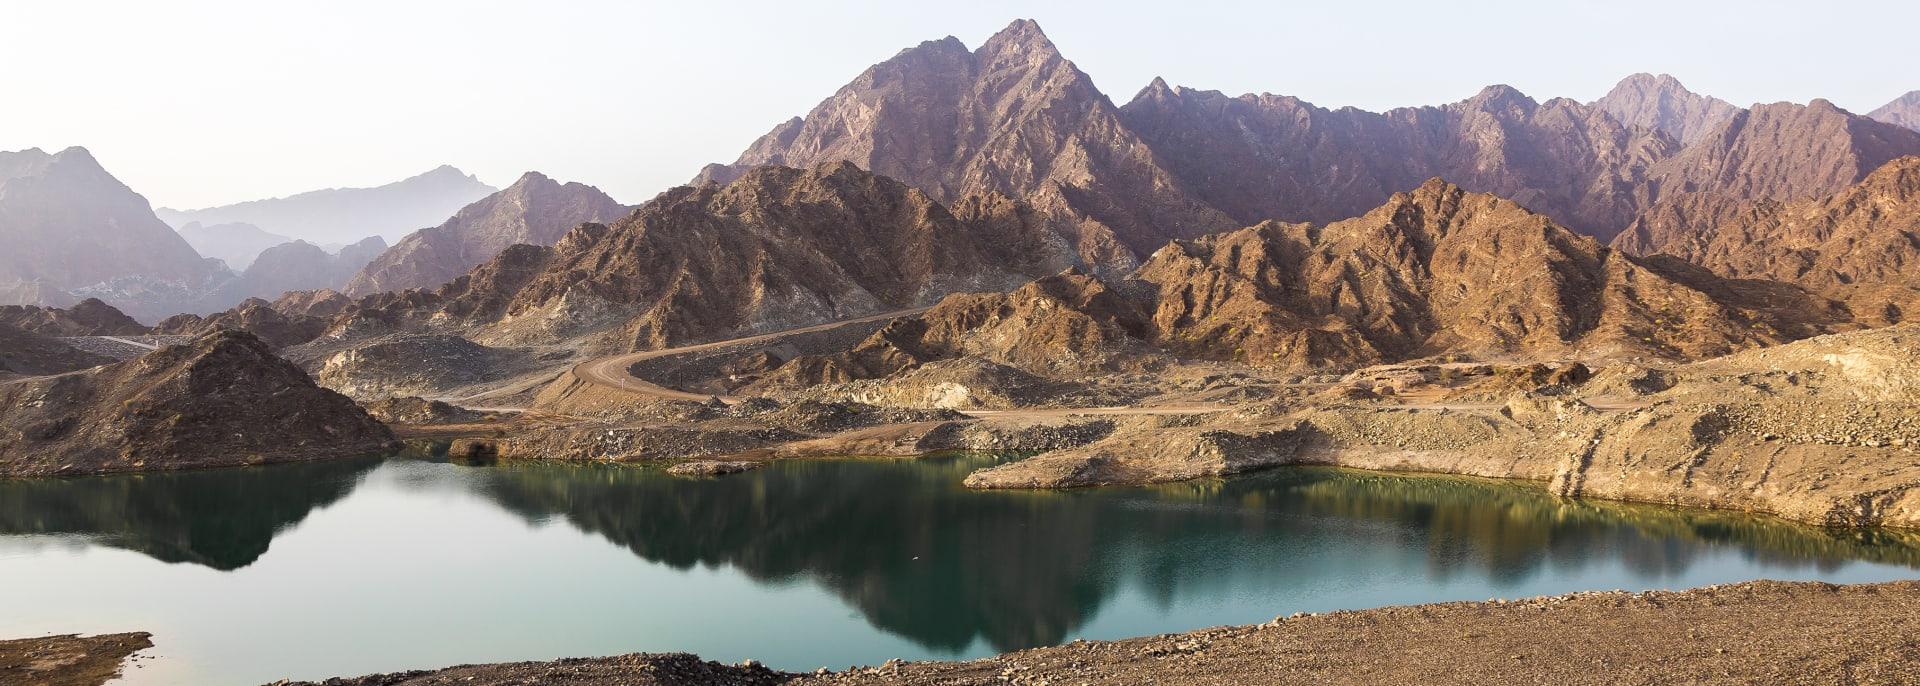 Hatta, Vereinigte Arabische Emirate